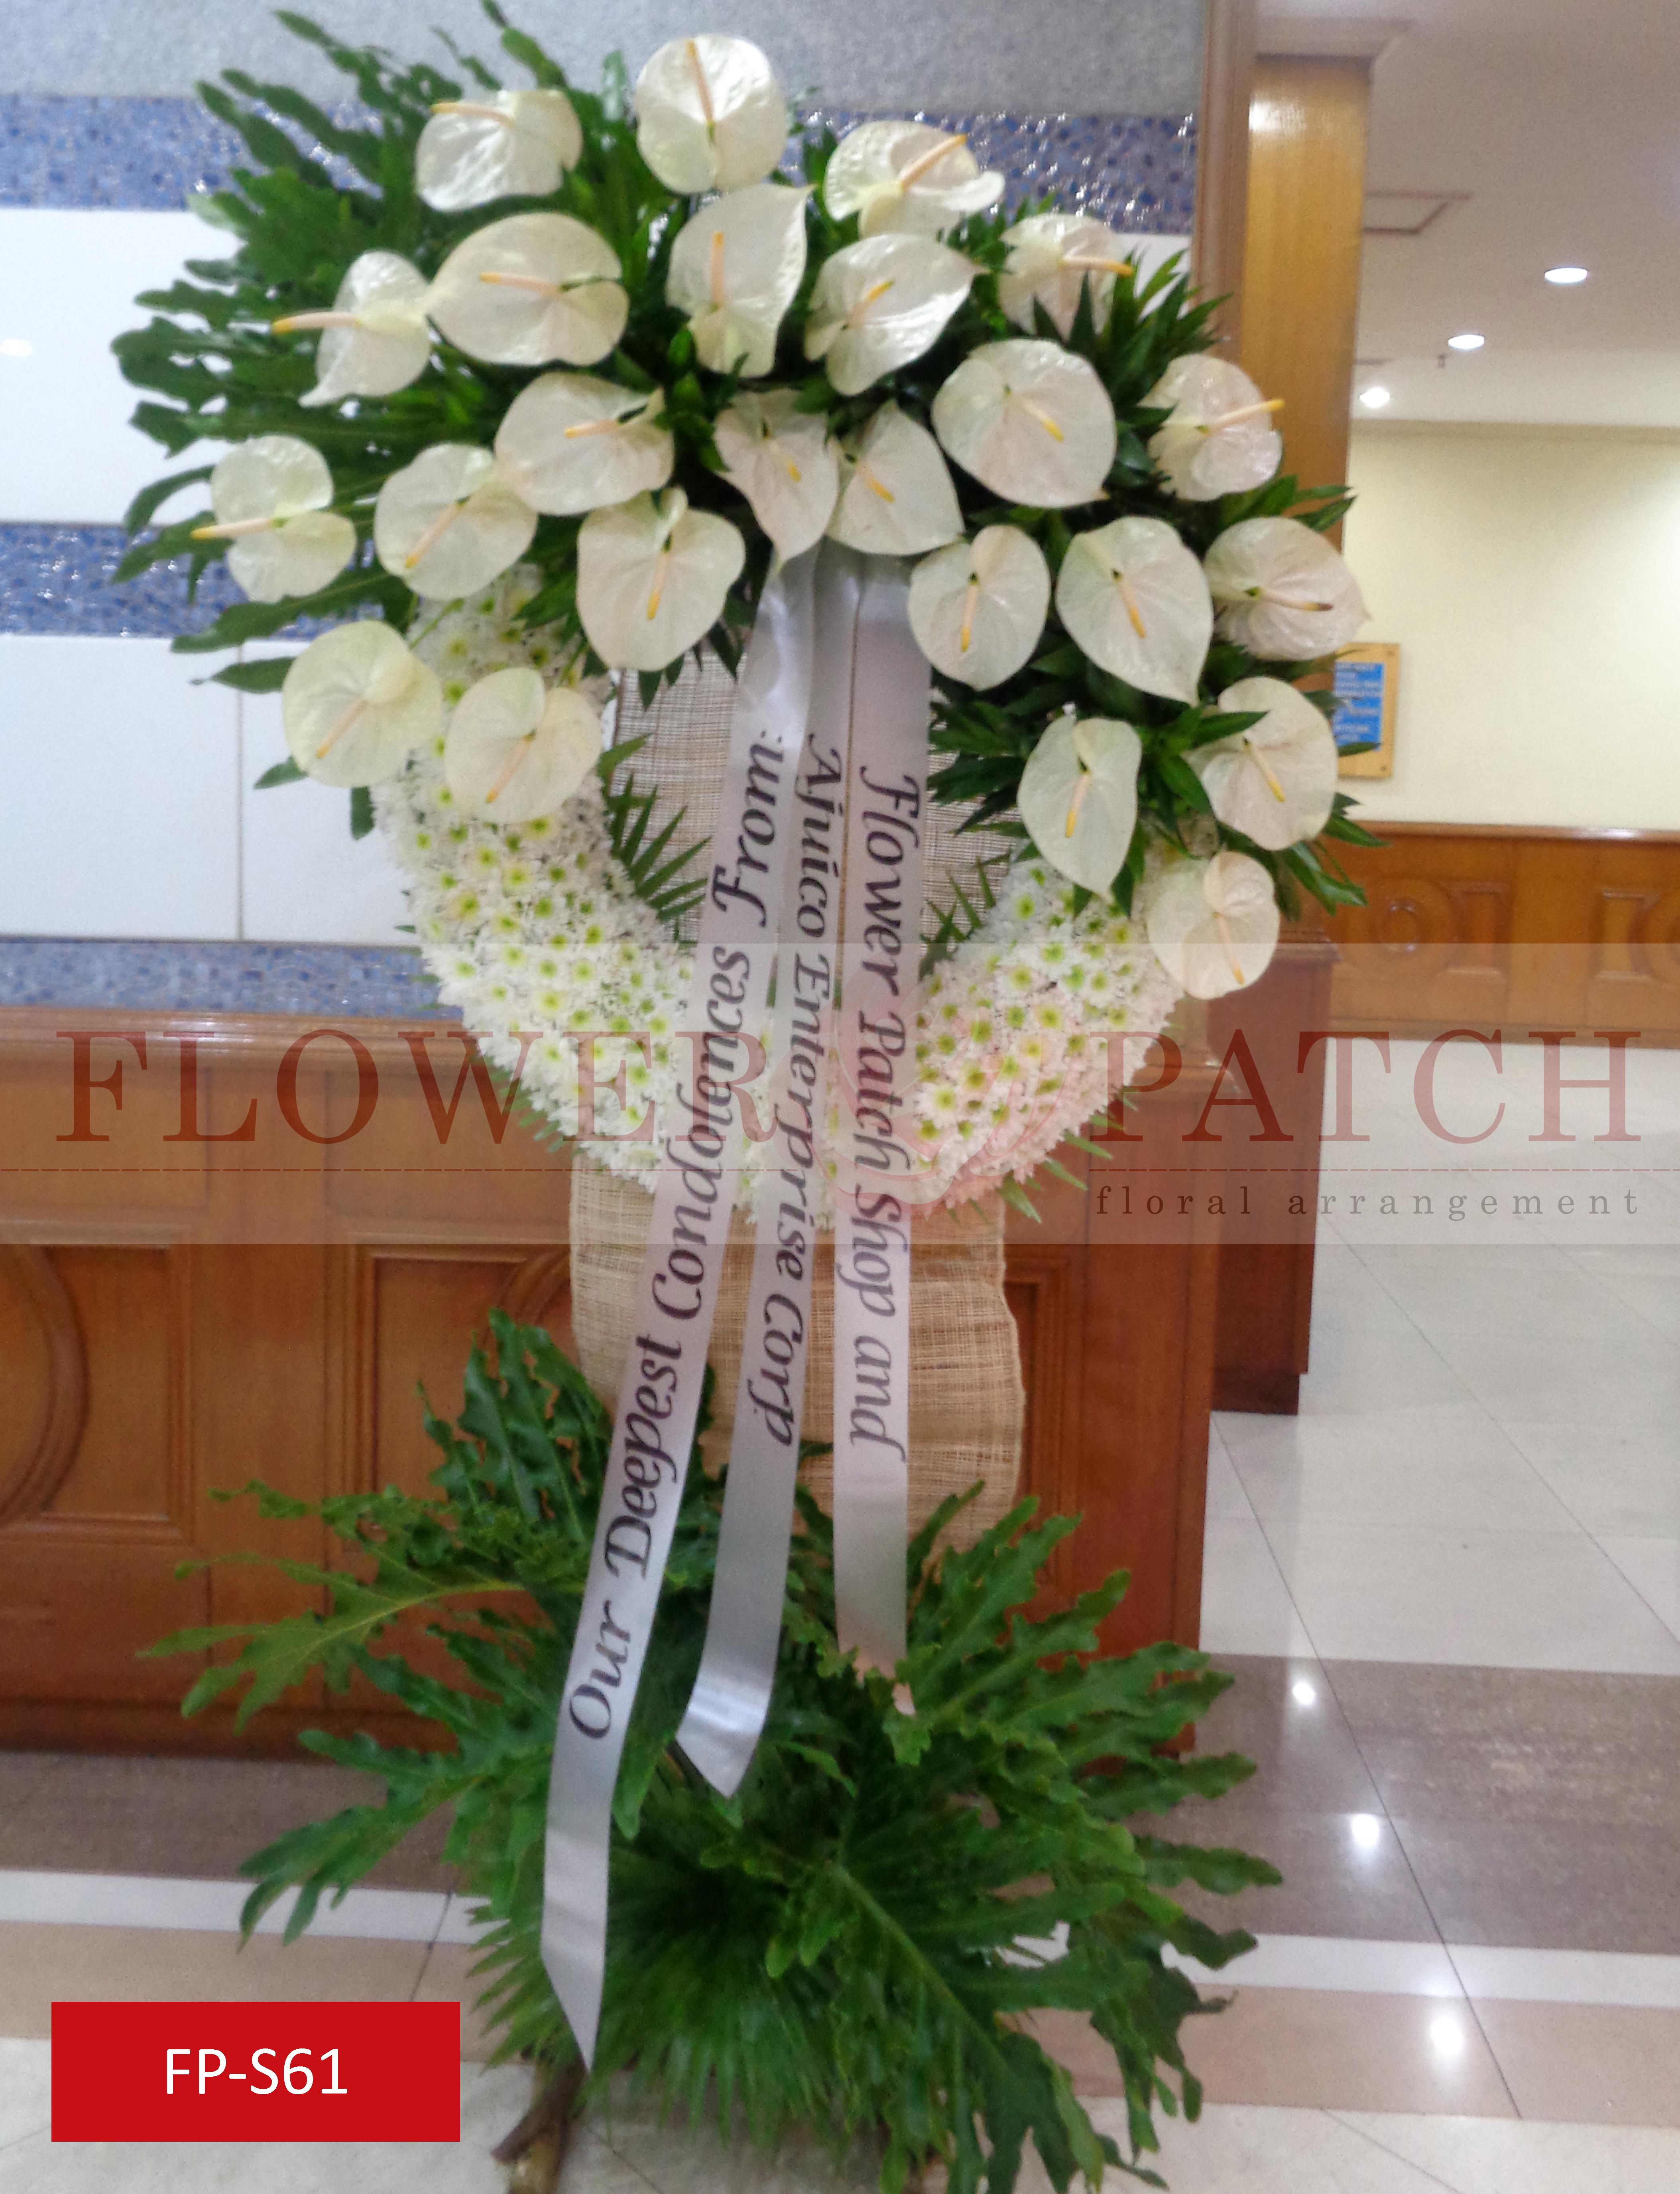 Funeral flower standee fp s61 funeral flower standee izmirmasajfo